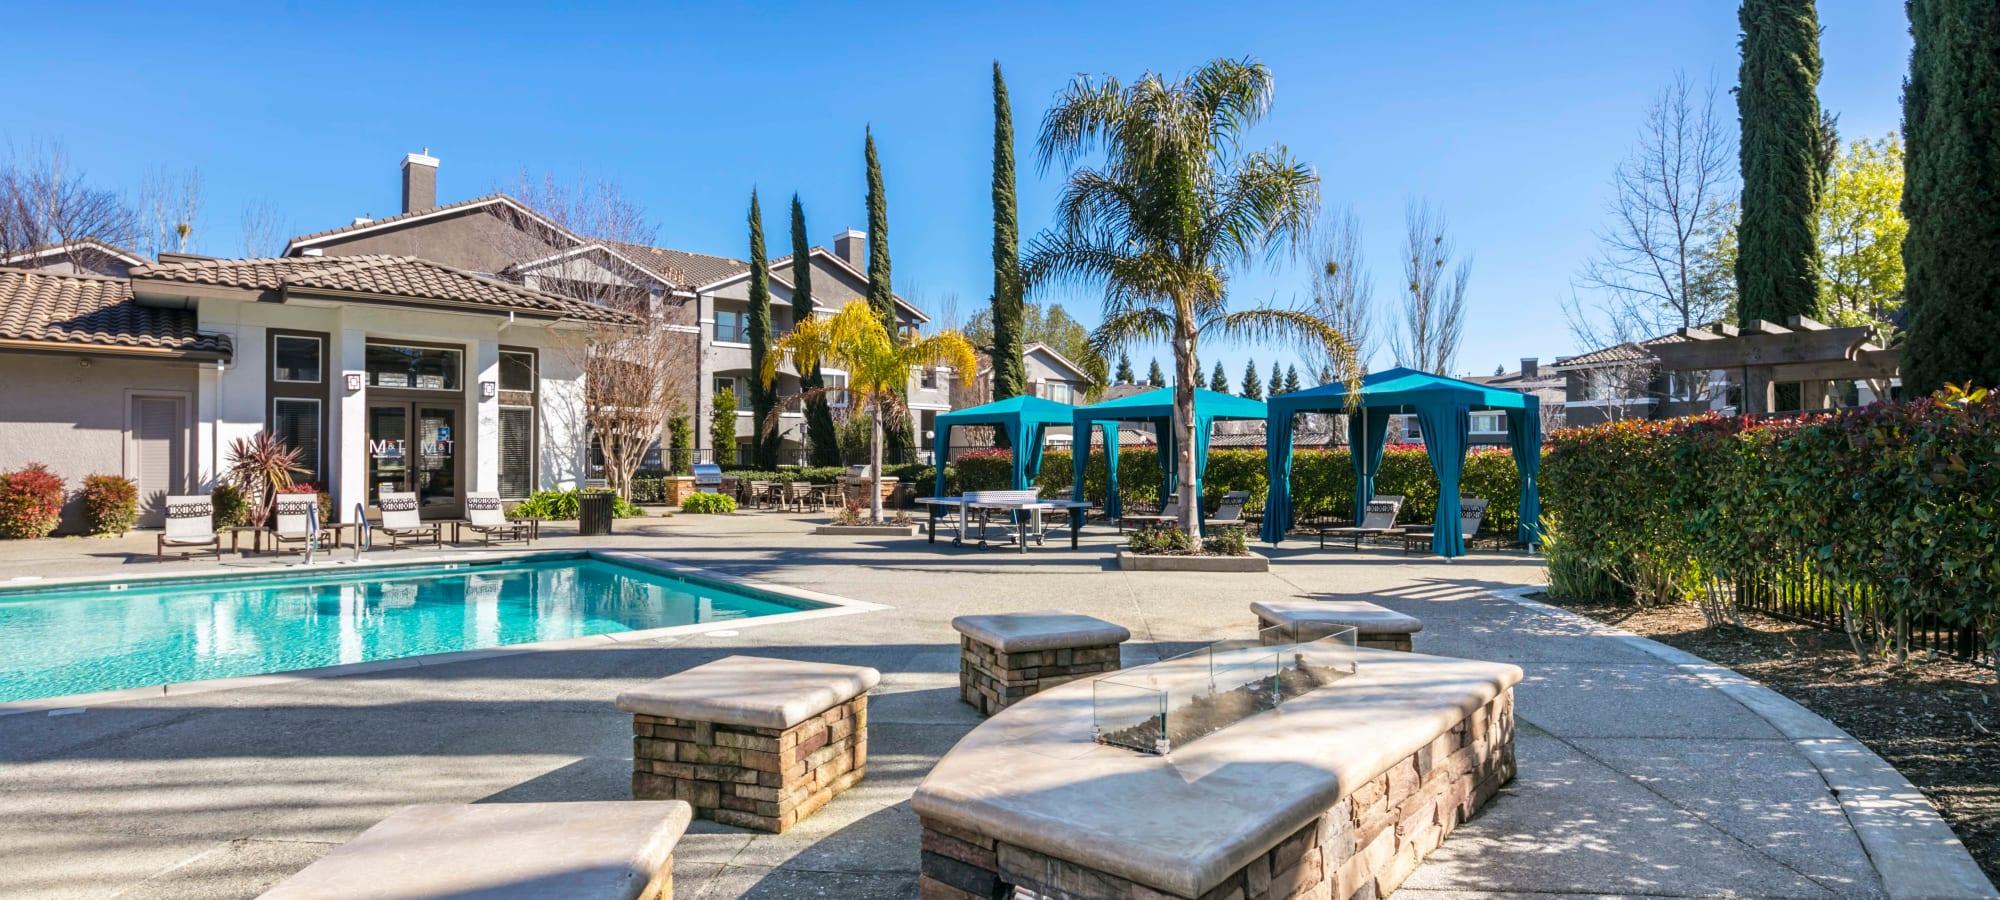 Miramonte and Trovas Apartments in Sacramento, California